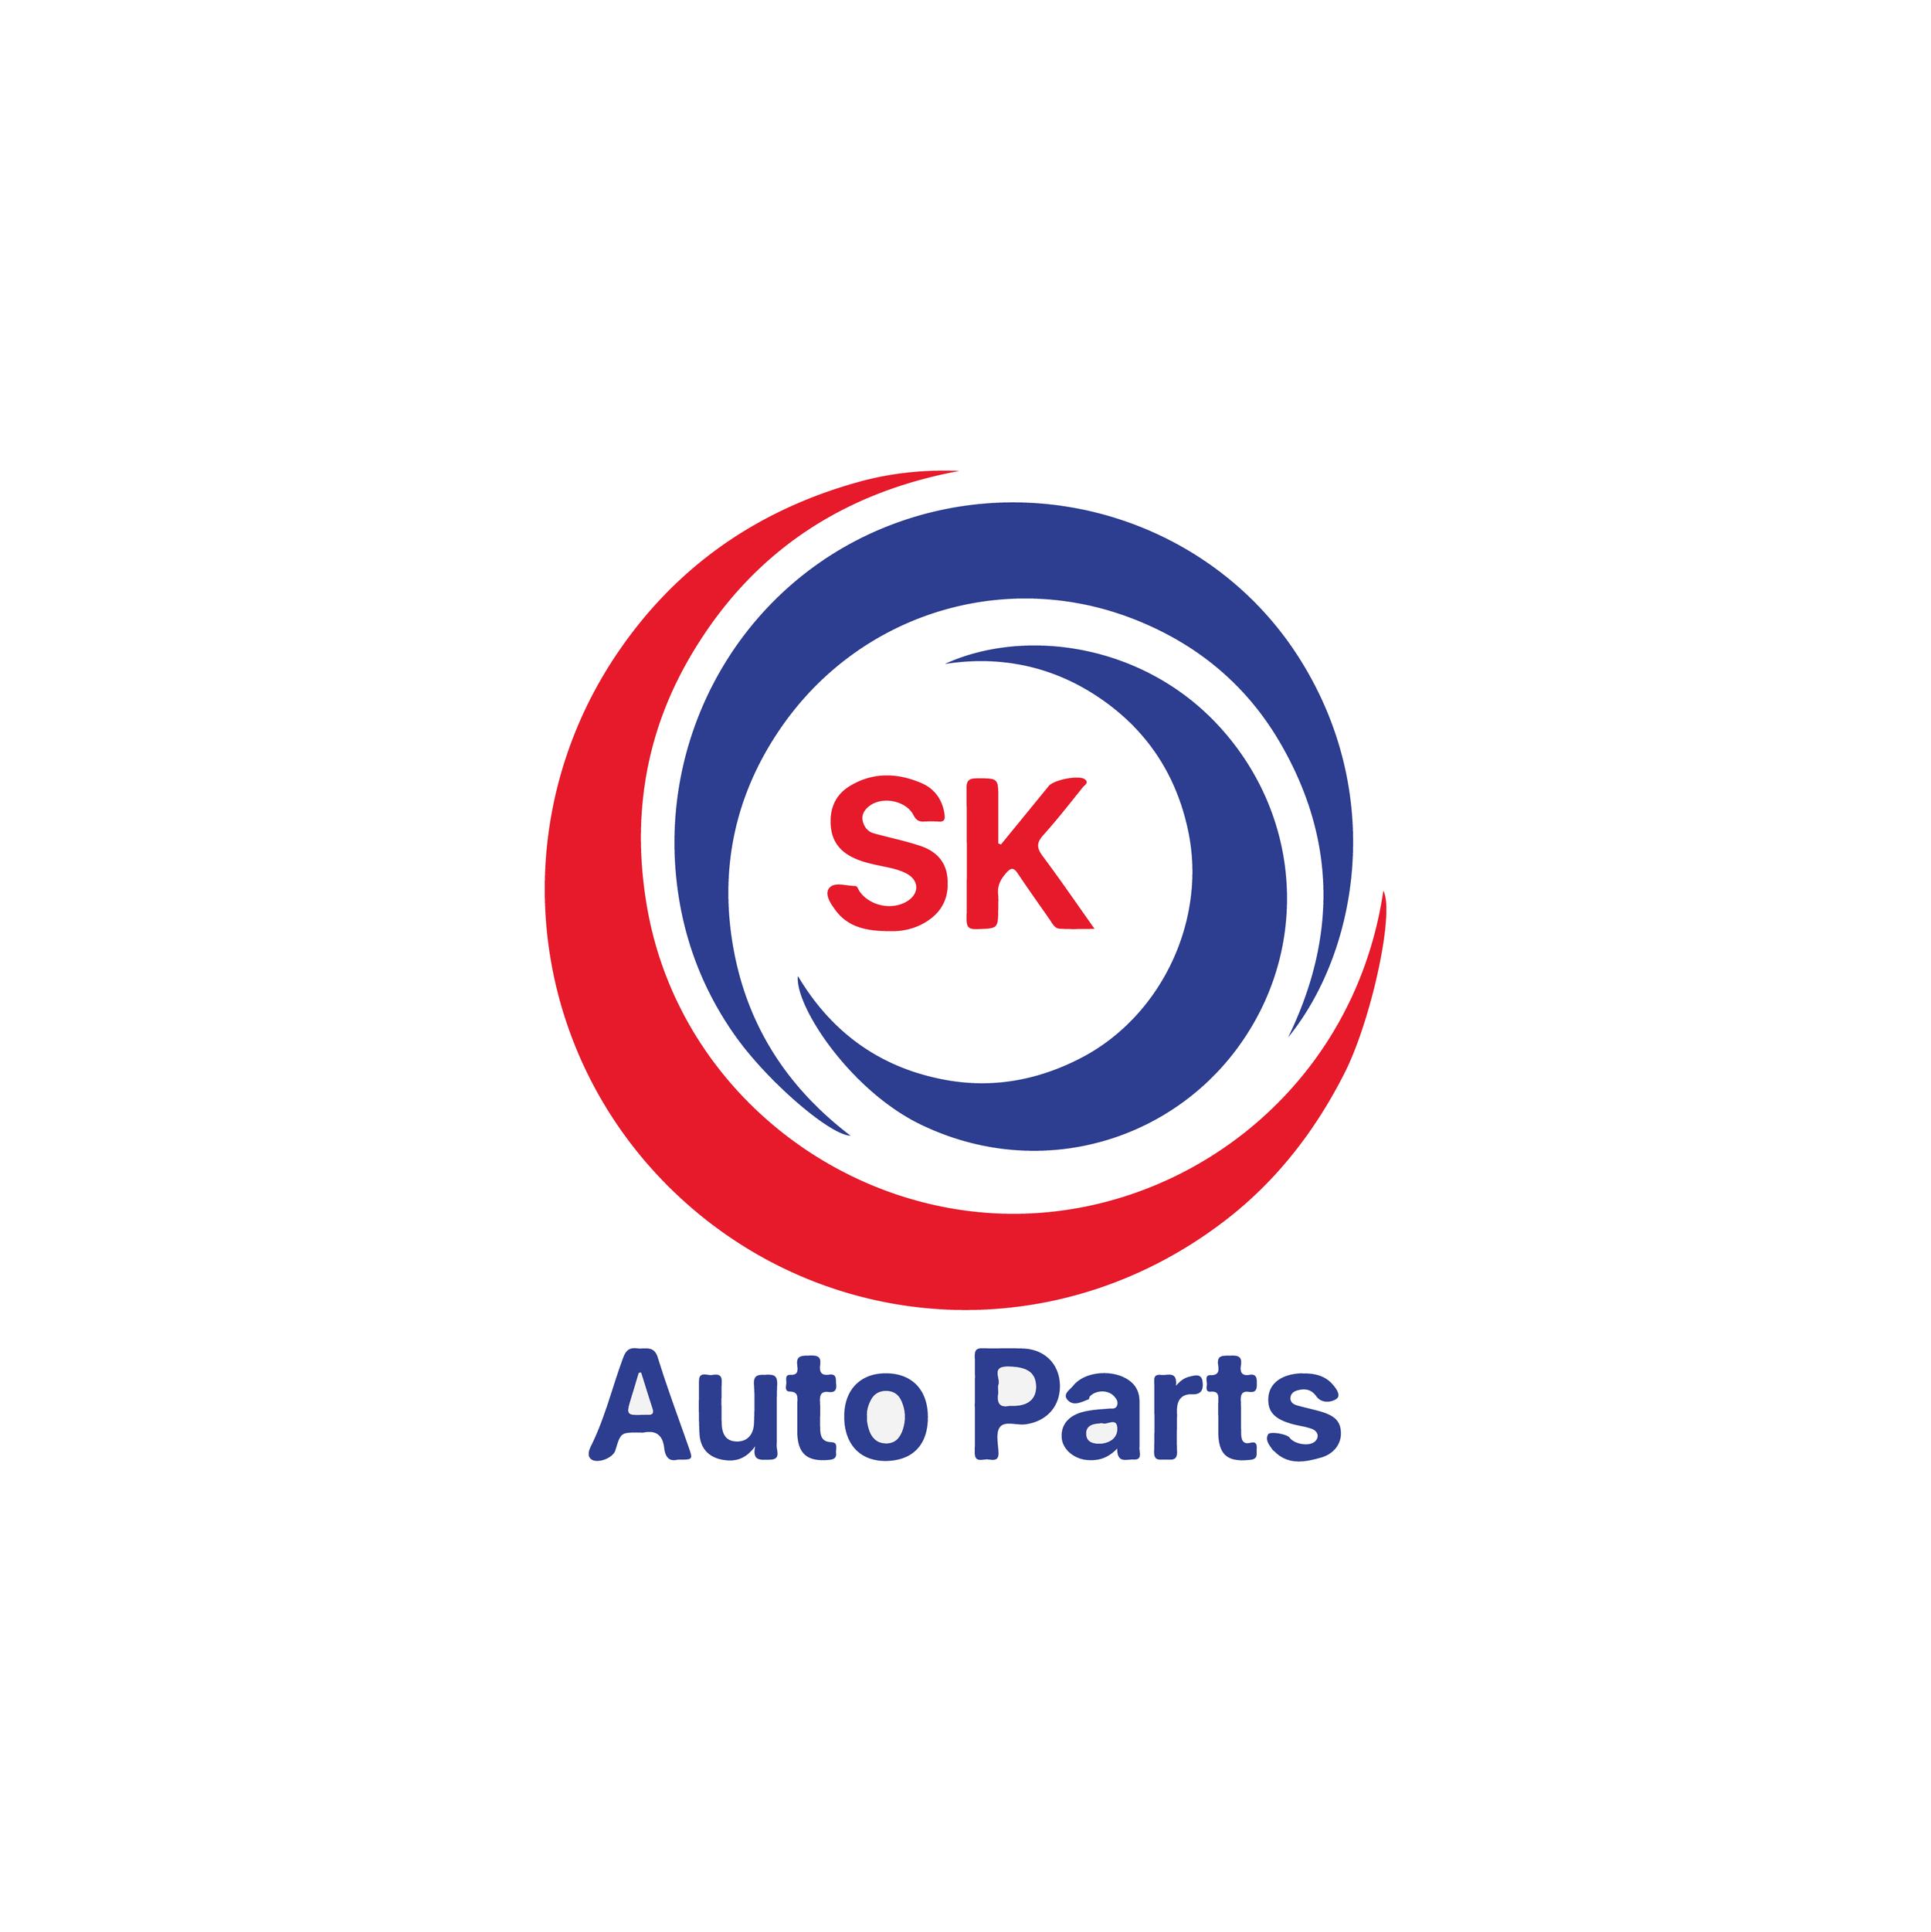 SK Auto Parts